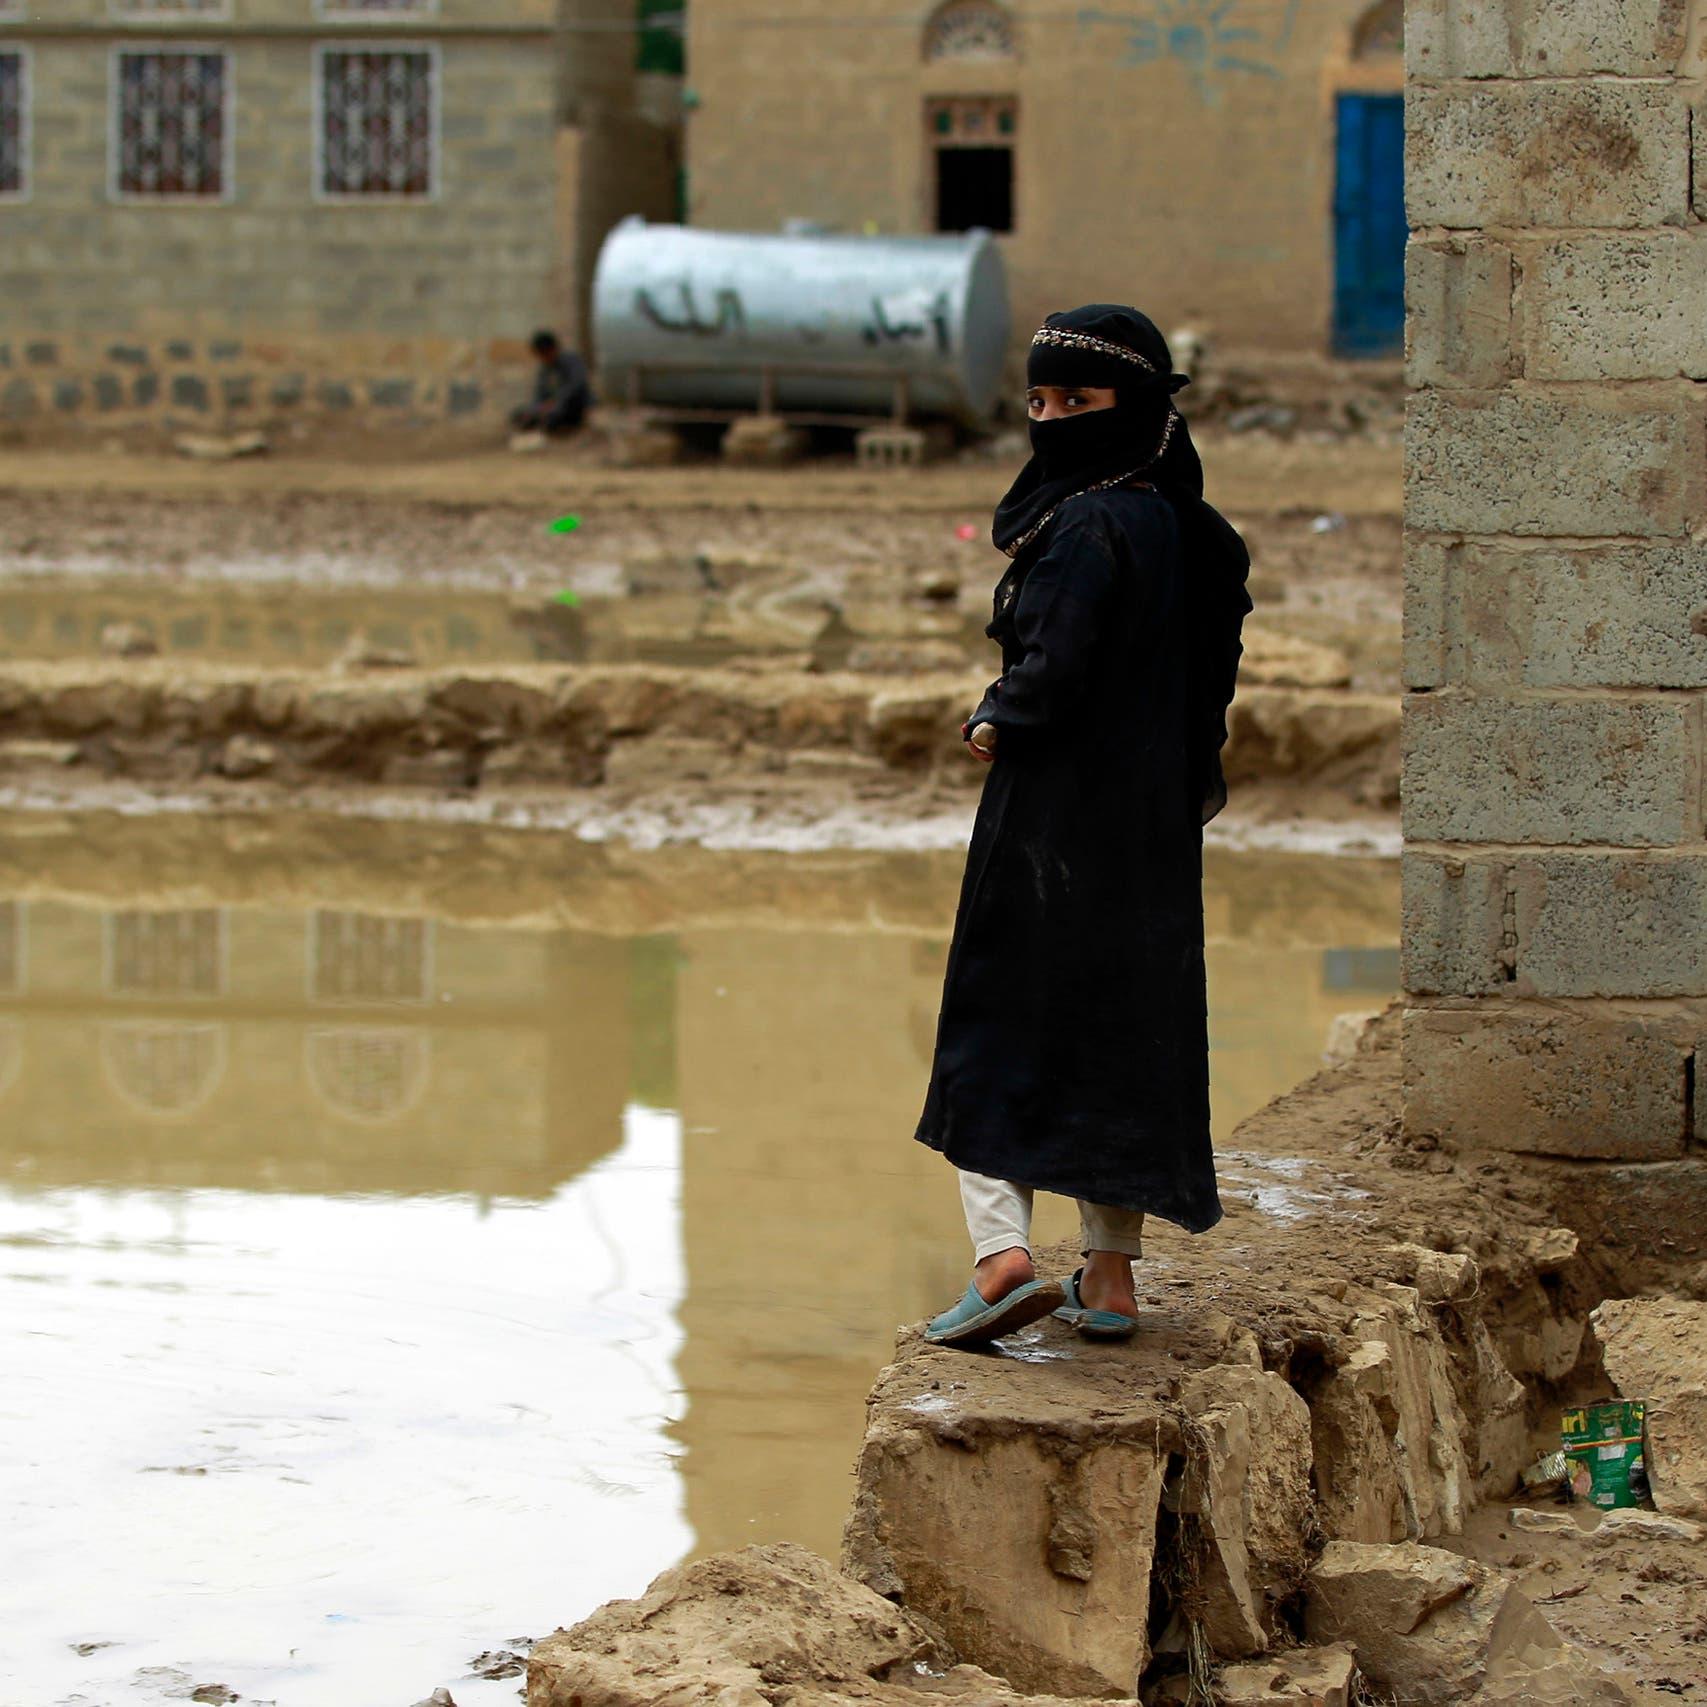 اليمن.. أسرة تزوّج طفلة في الـ3 من عمرها مقابل الطعام